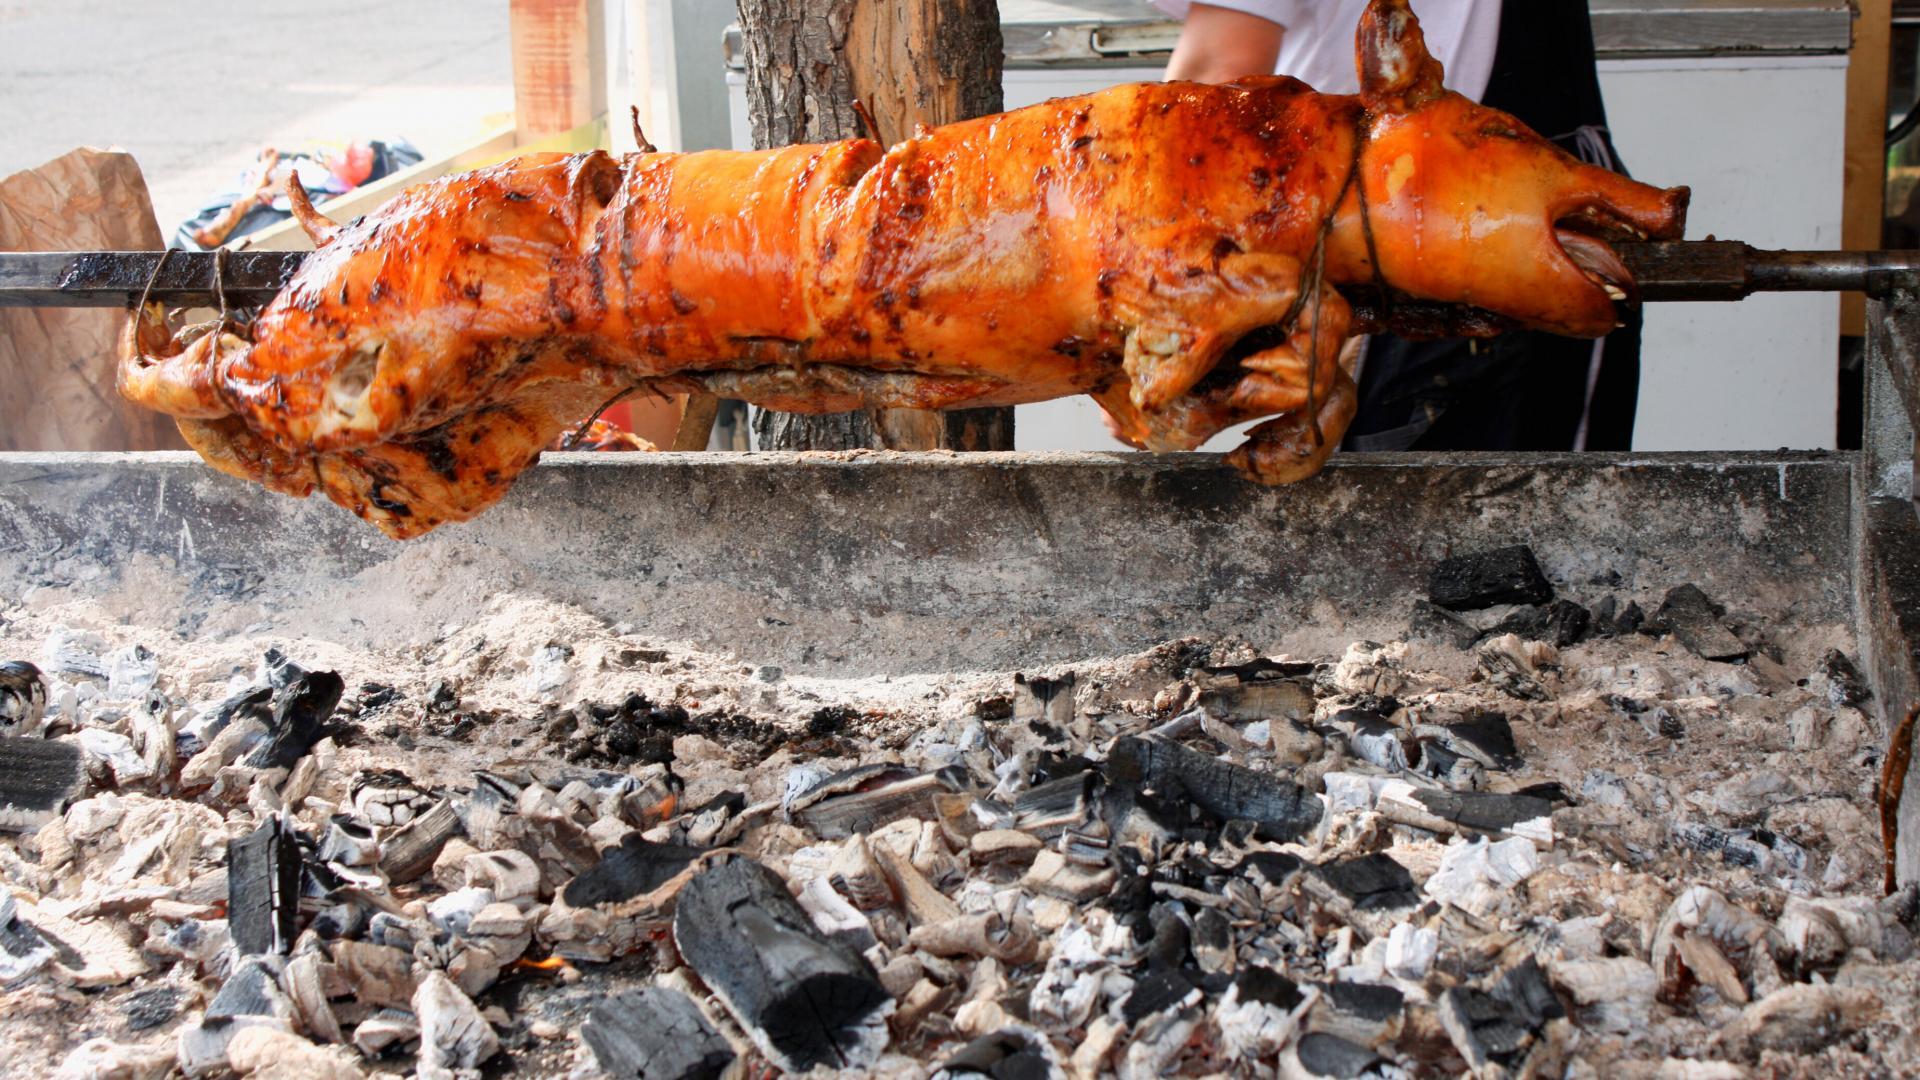 grillen schwein am spieß mittelalter essen fleisch